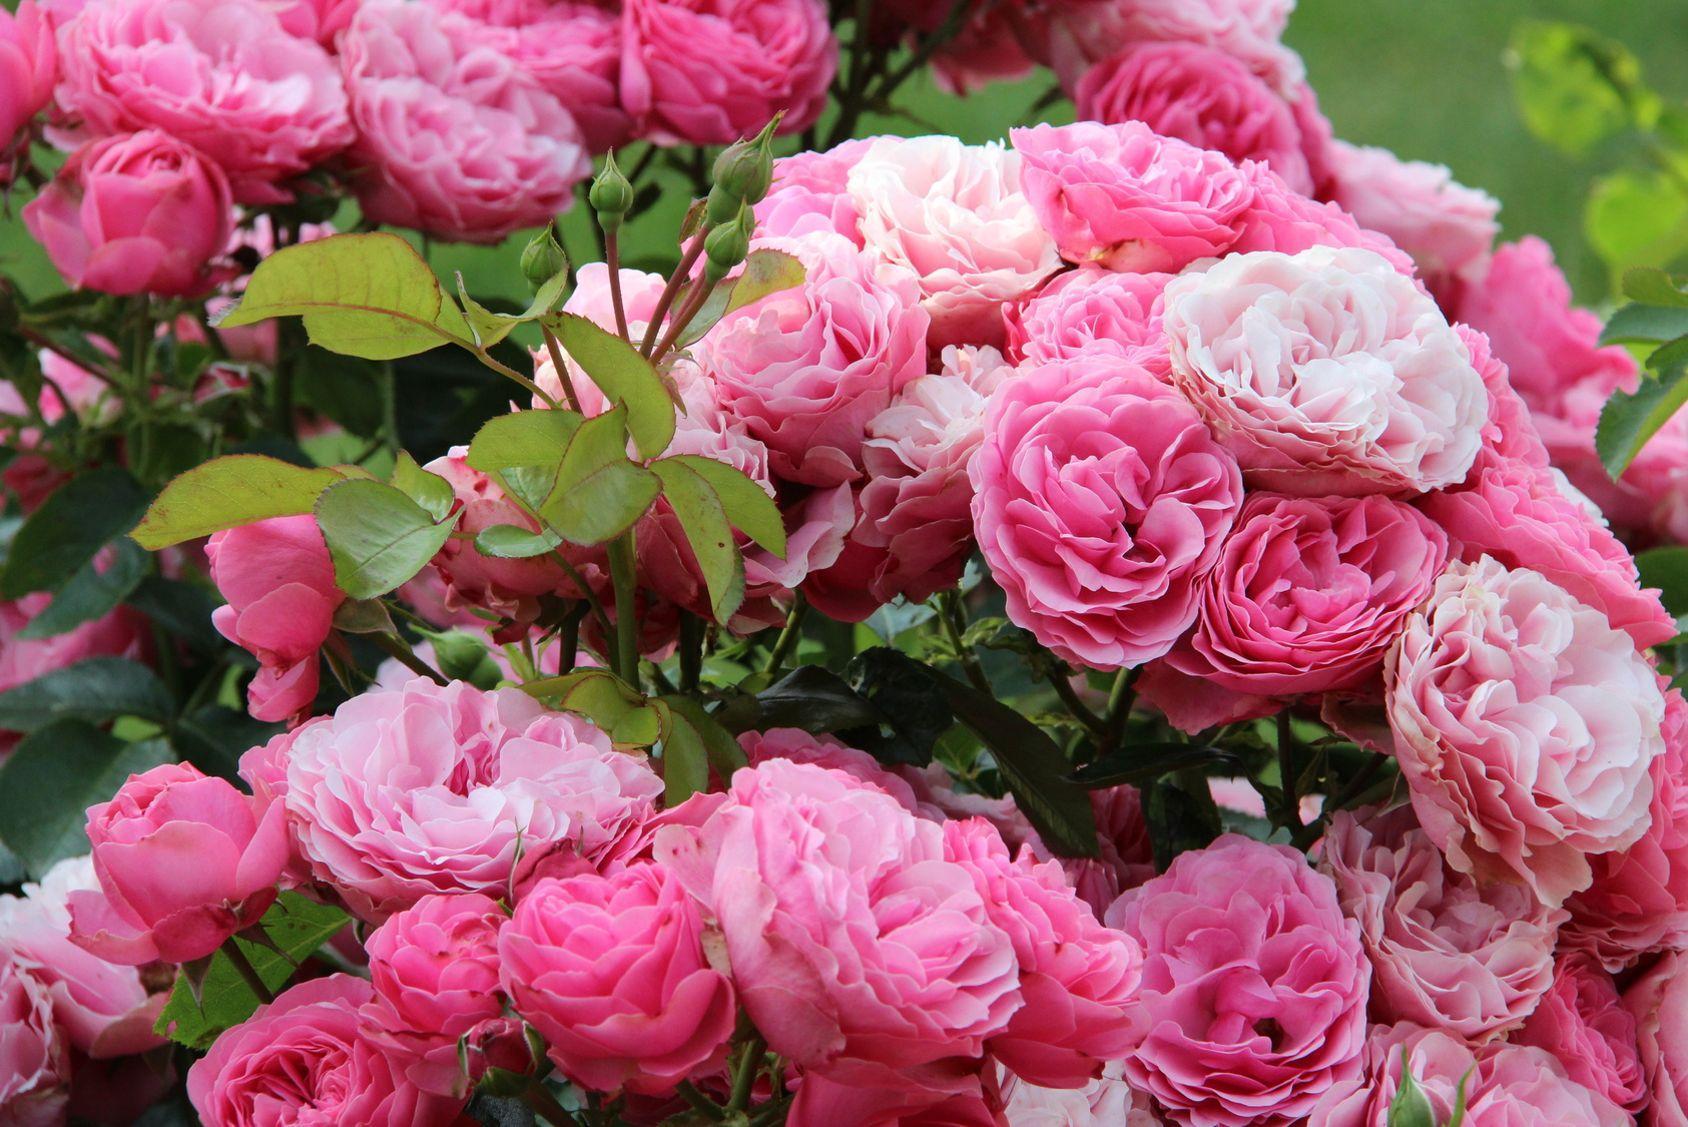 planter des roses au jardin les cl s de la r ussite. Black Bedroom Furniture Sets. Home Design Ideas